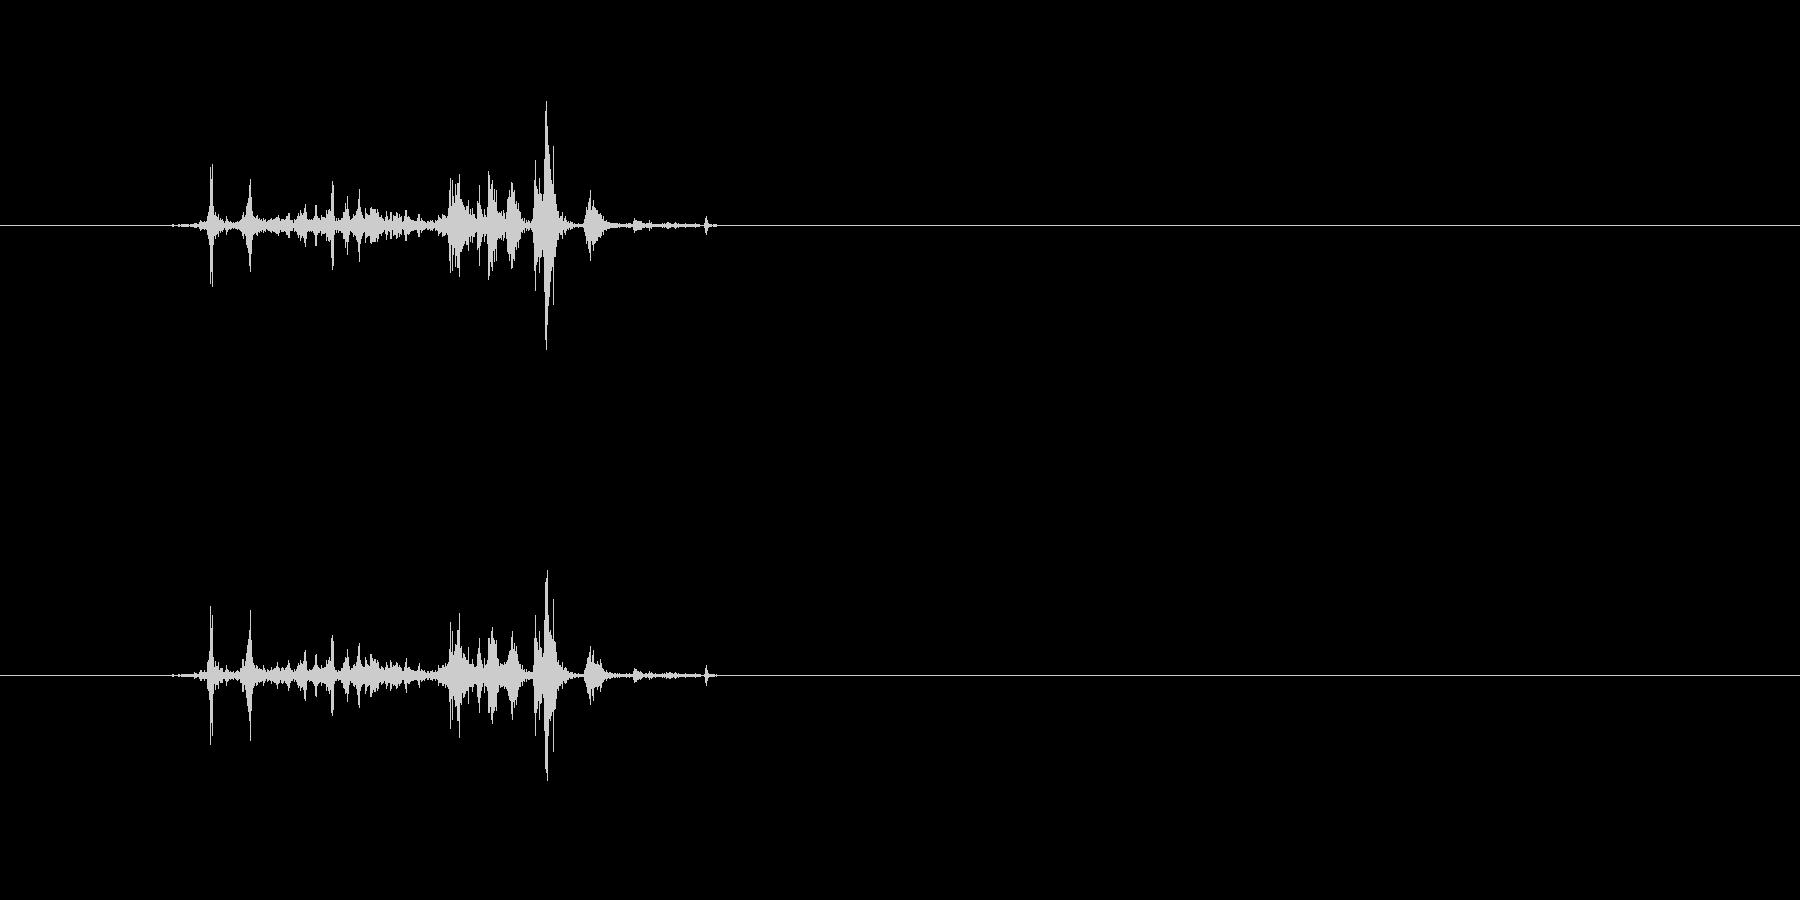 パラララ (本を開いたりページ送り音1)の未再生の波形